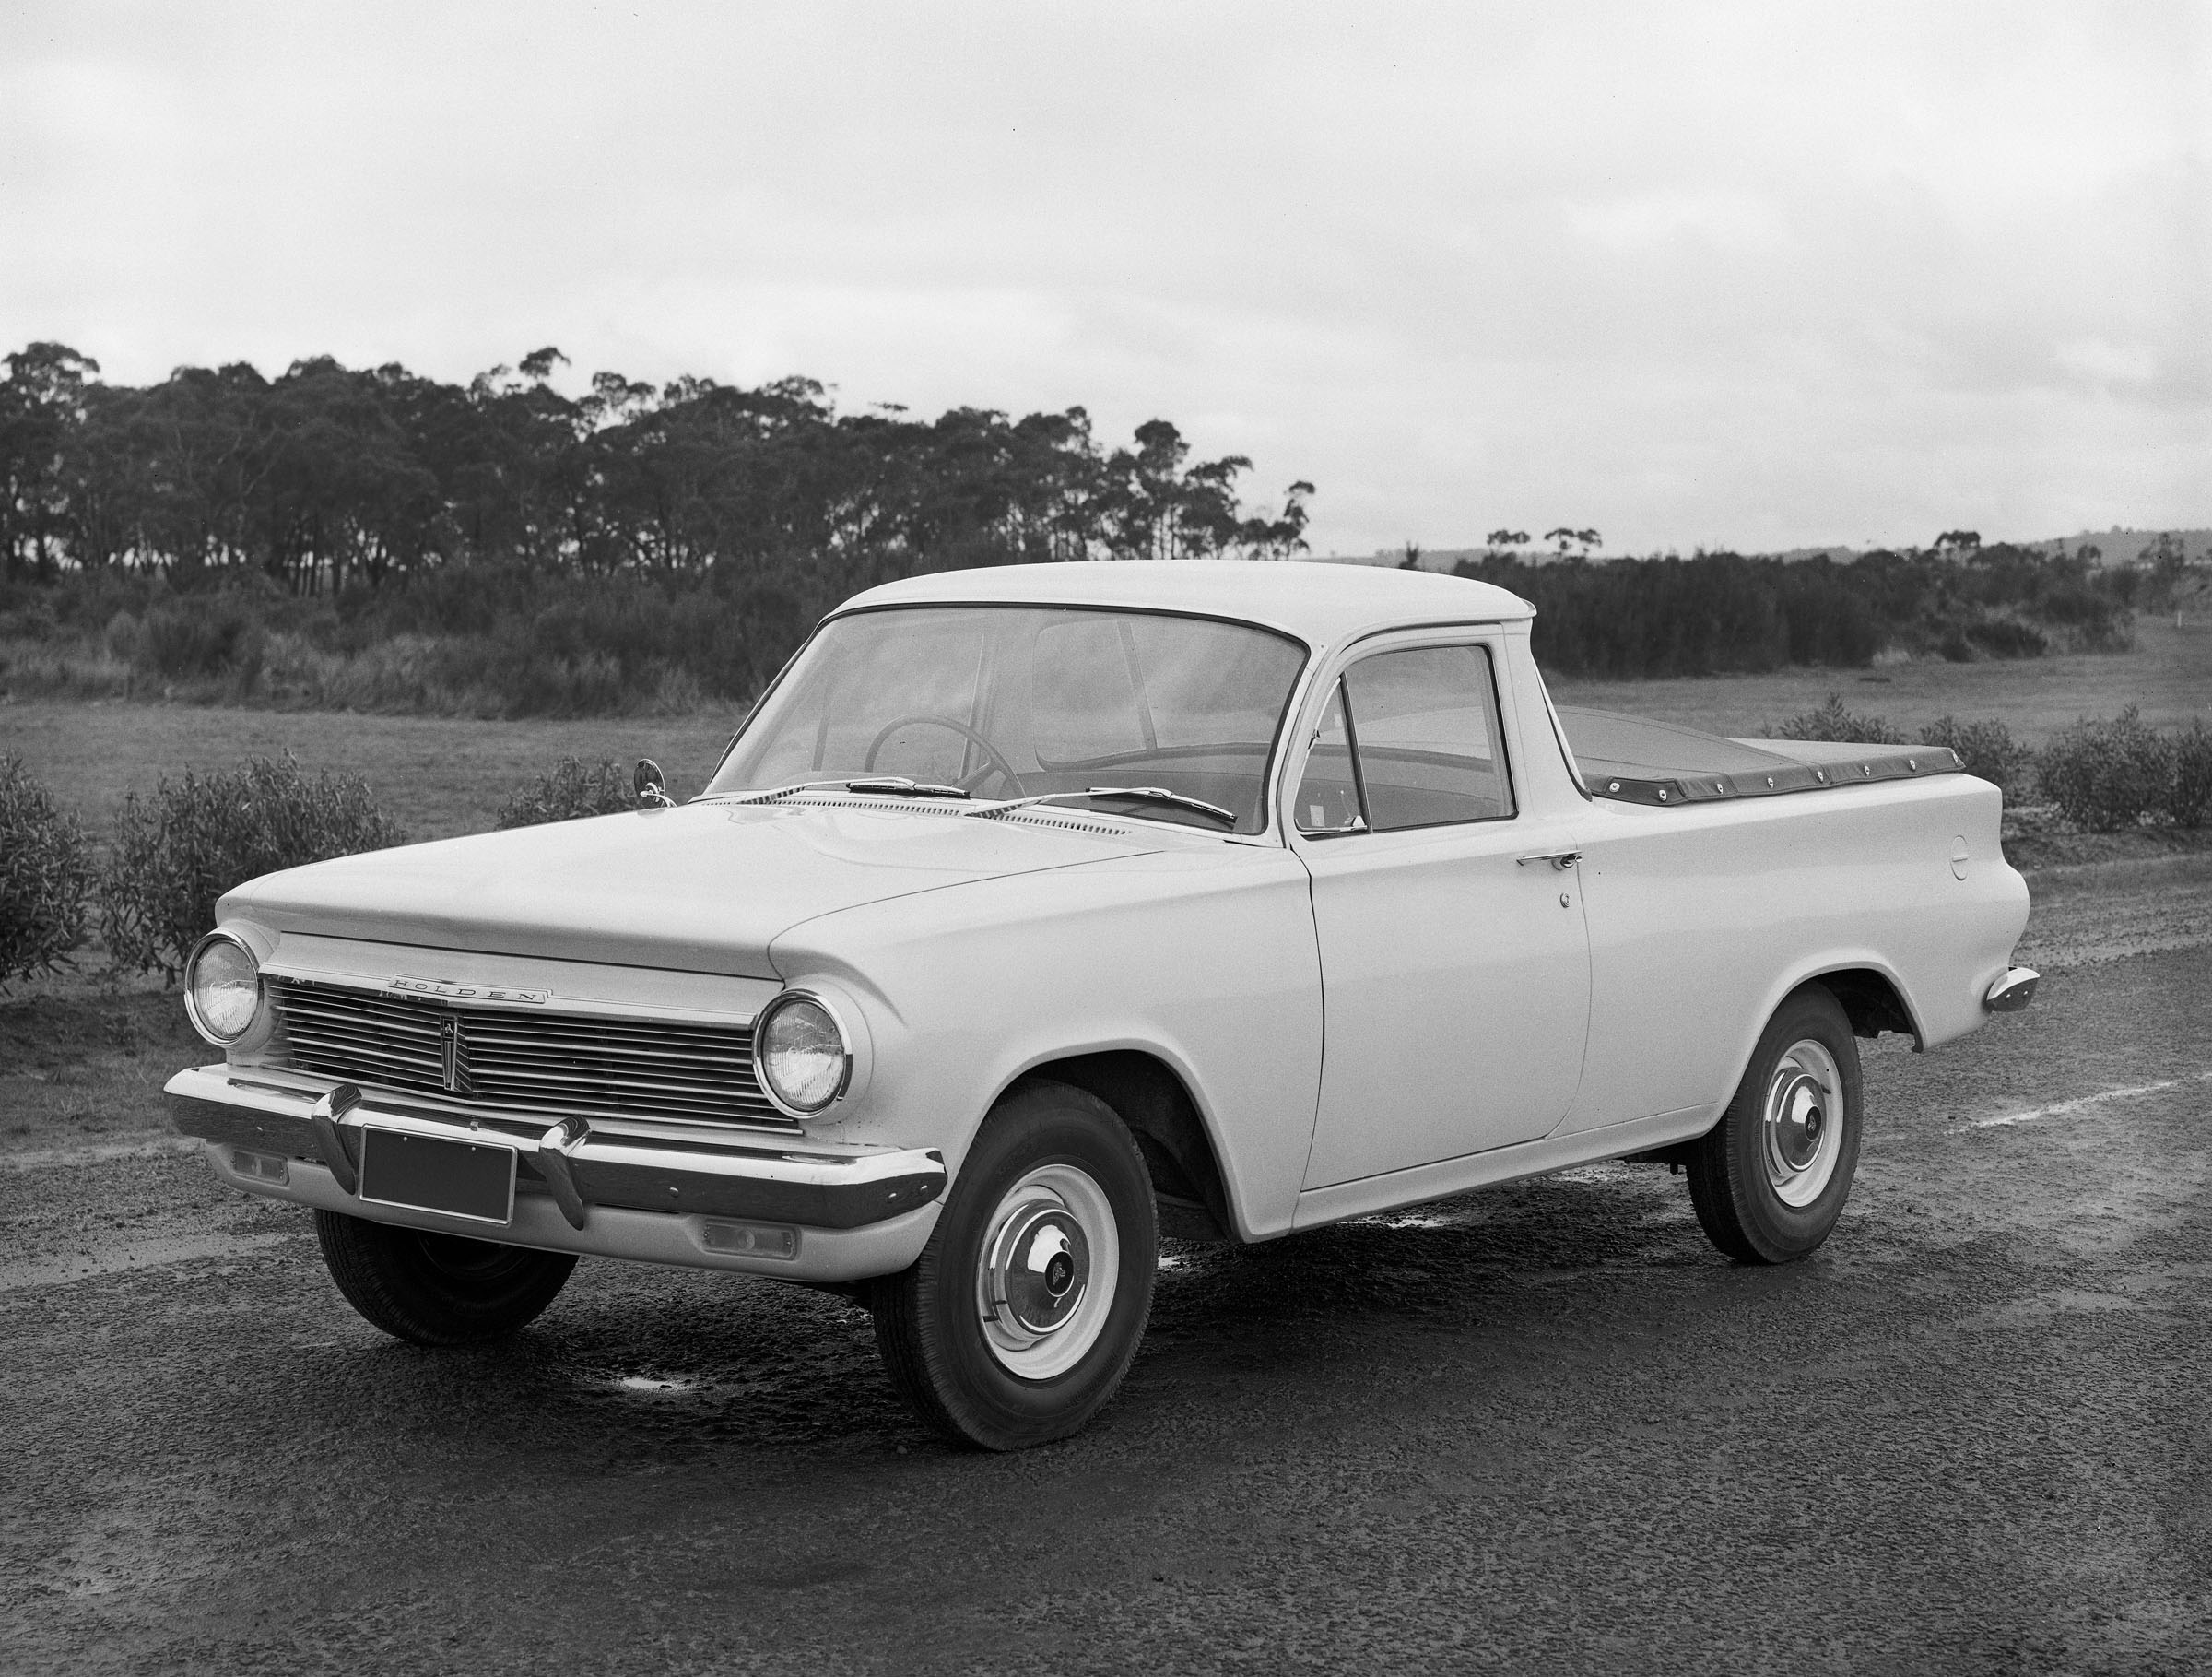 EH Holden Ute (1963-1965)